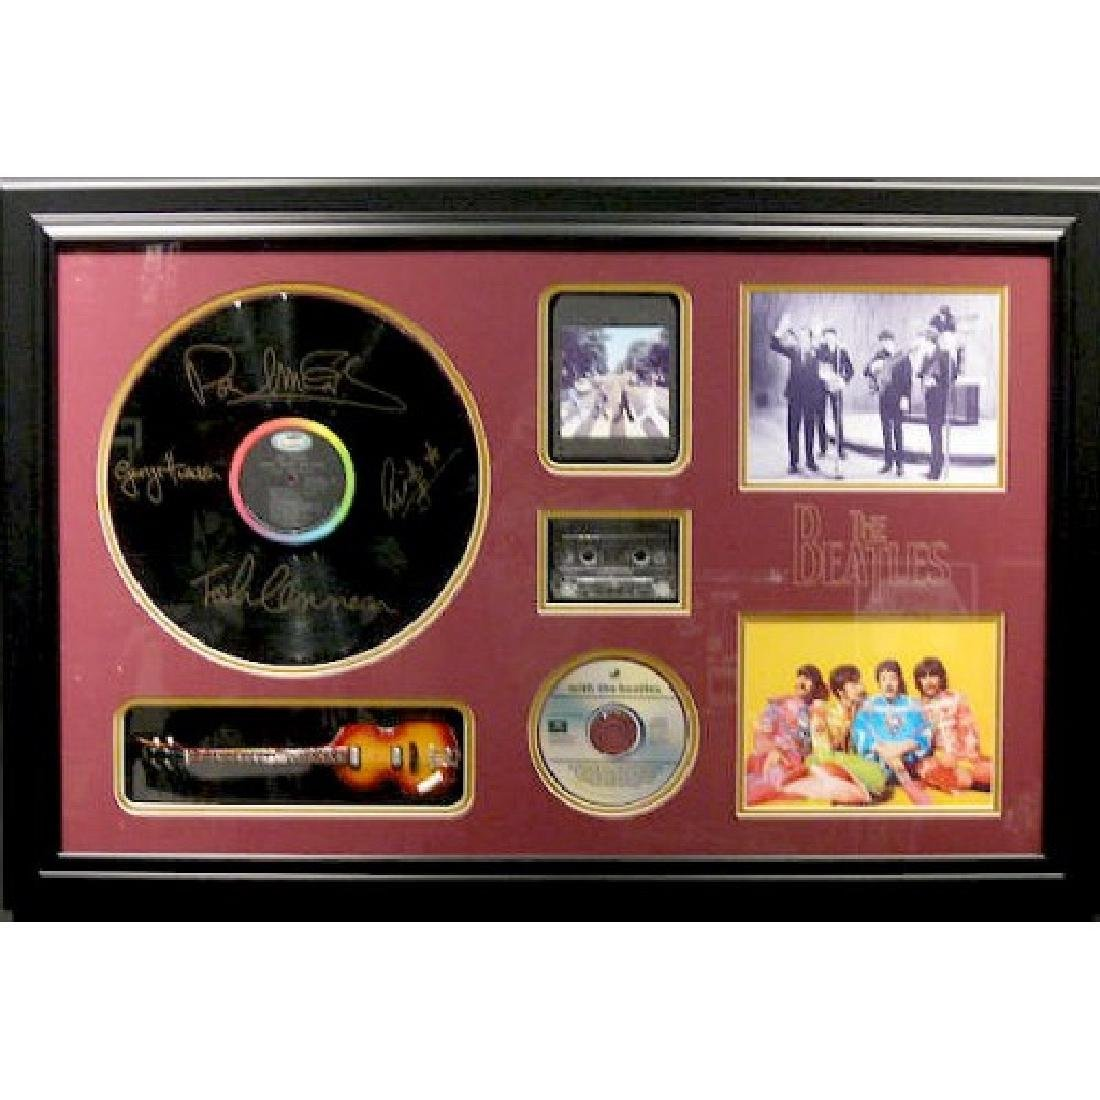 Beatles Mini Guitar Collage - Plate Signatures